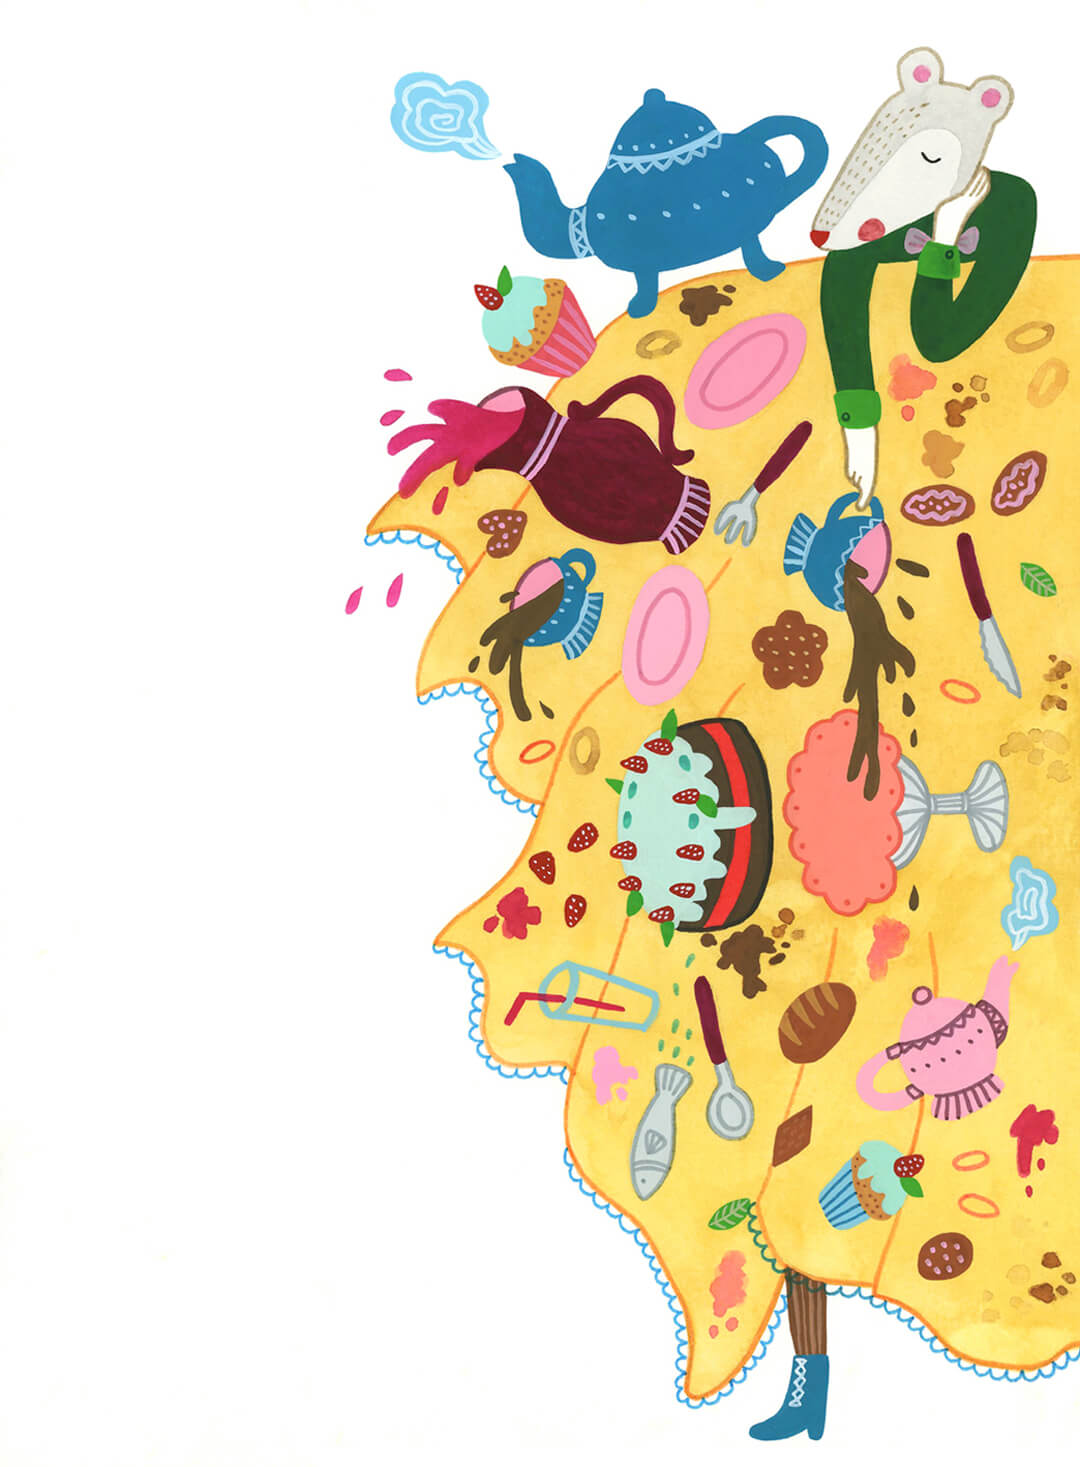 Sanne Bruinsma Illustraties & Vormgeving Boekie Boekie stArt Award 2015 Alice in Wonderland wedstrijd inzending